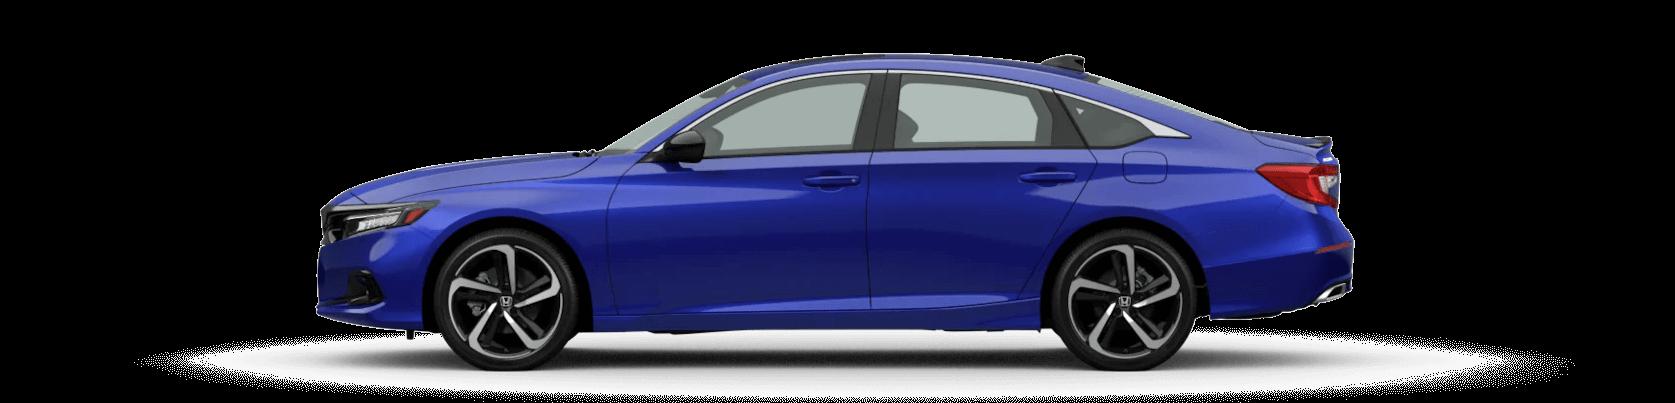 Honda Accord Awards Jellybean